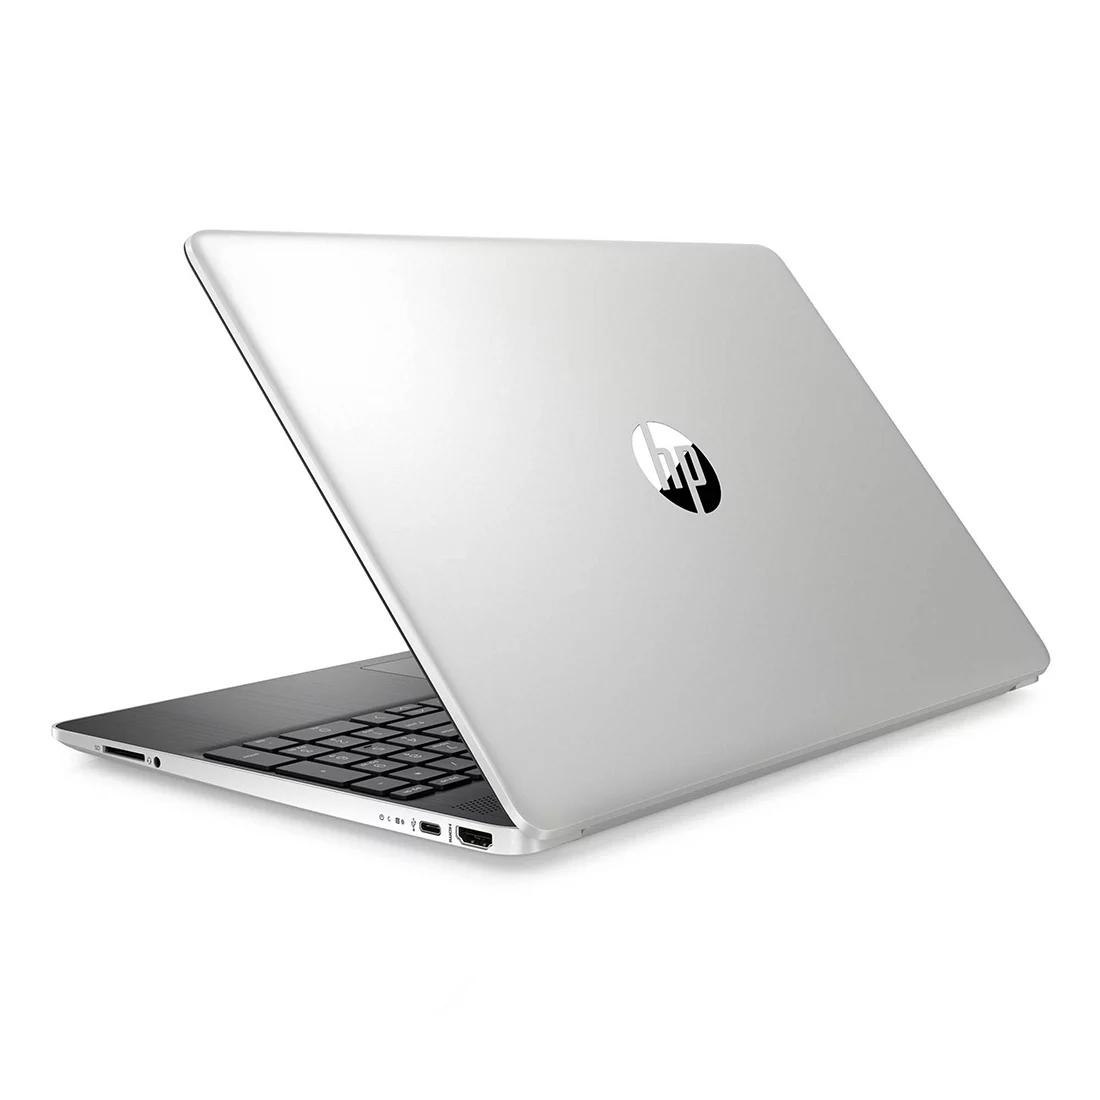 Noutbuk HP 15-dy1076nr (7PD80UA)  - 4